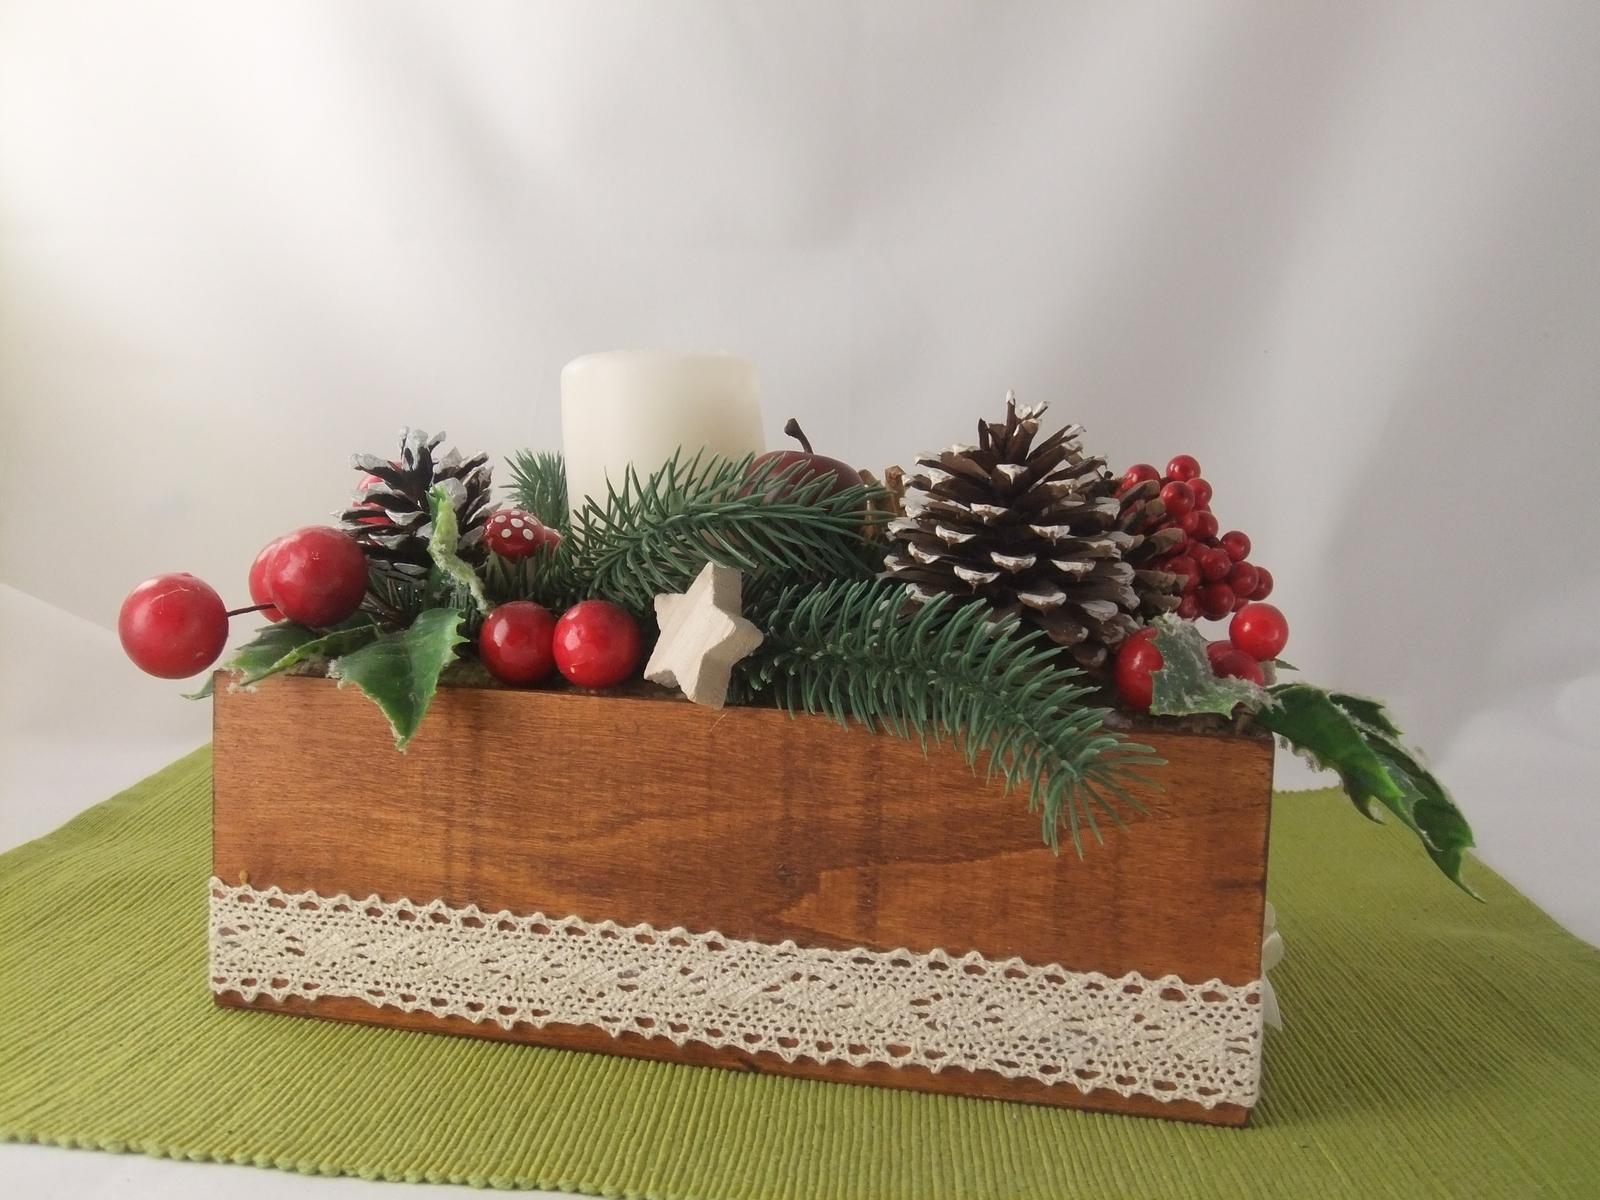 Vianočná, cena je vrátane poštovného - Obrázok č. 3